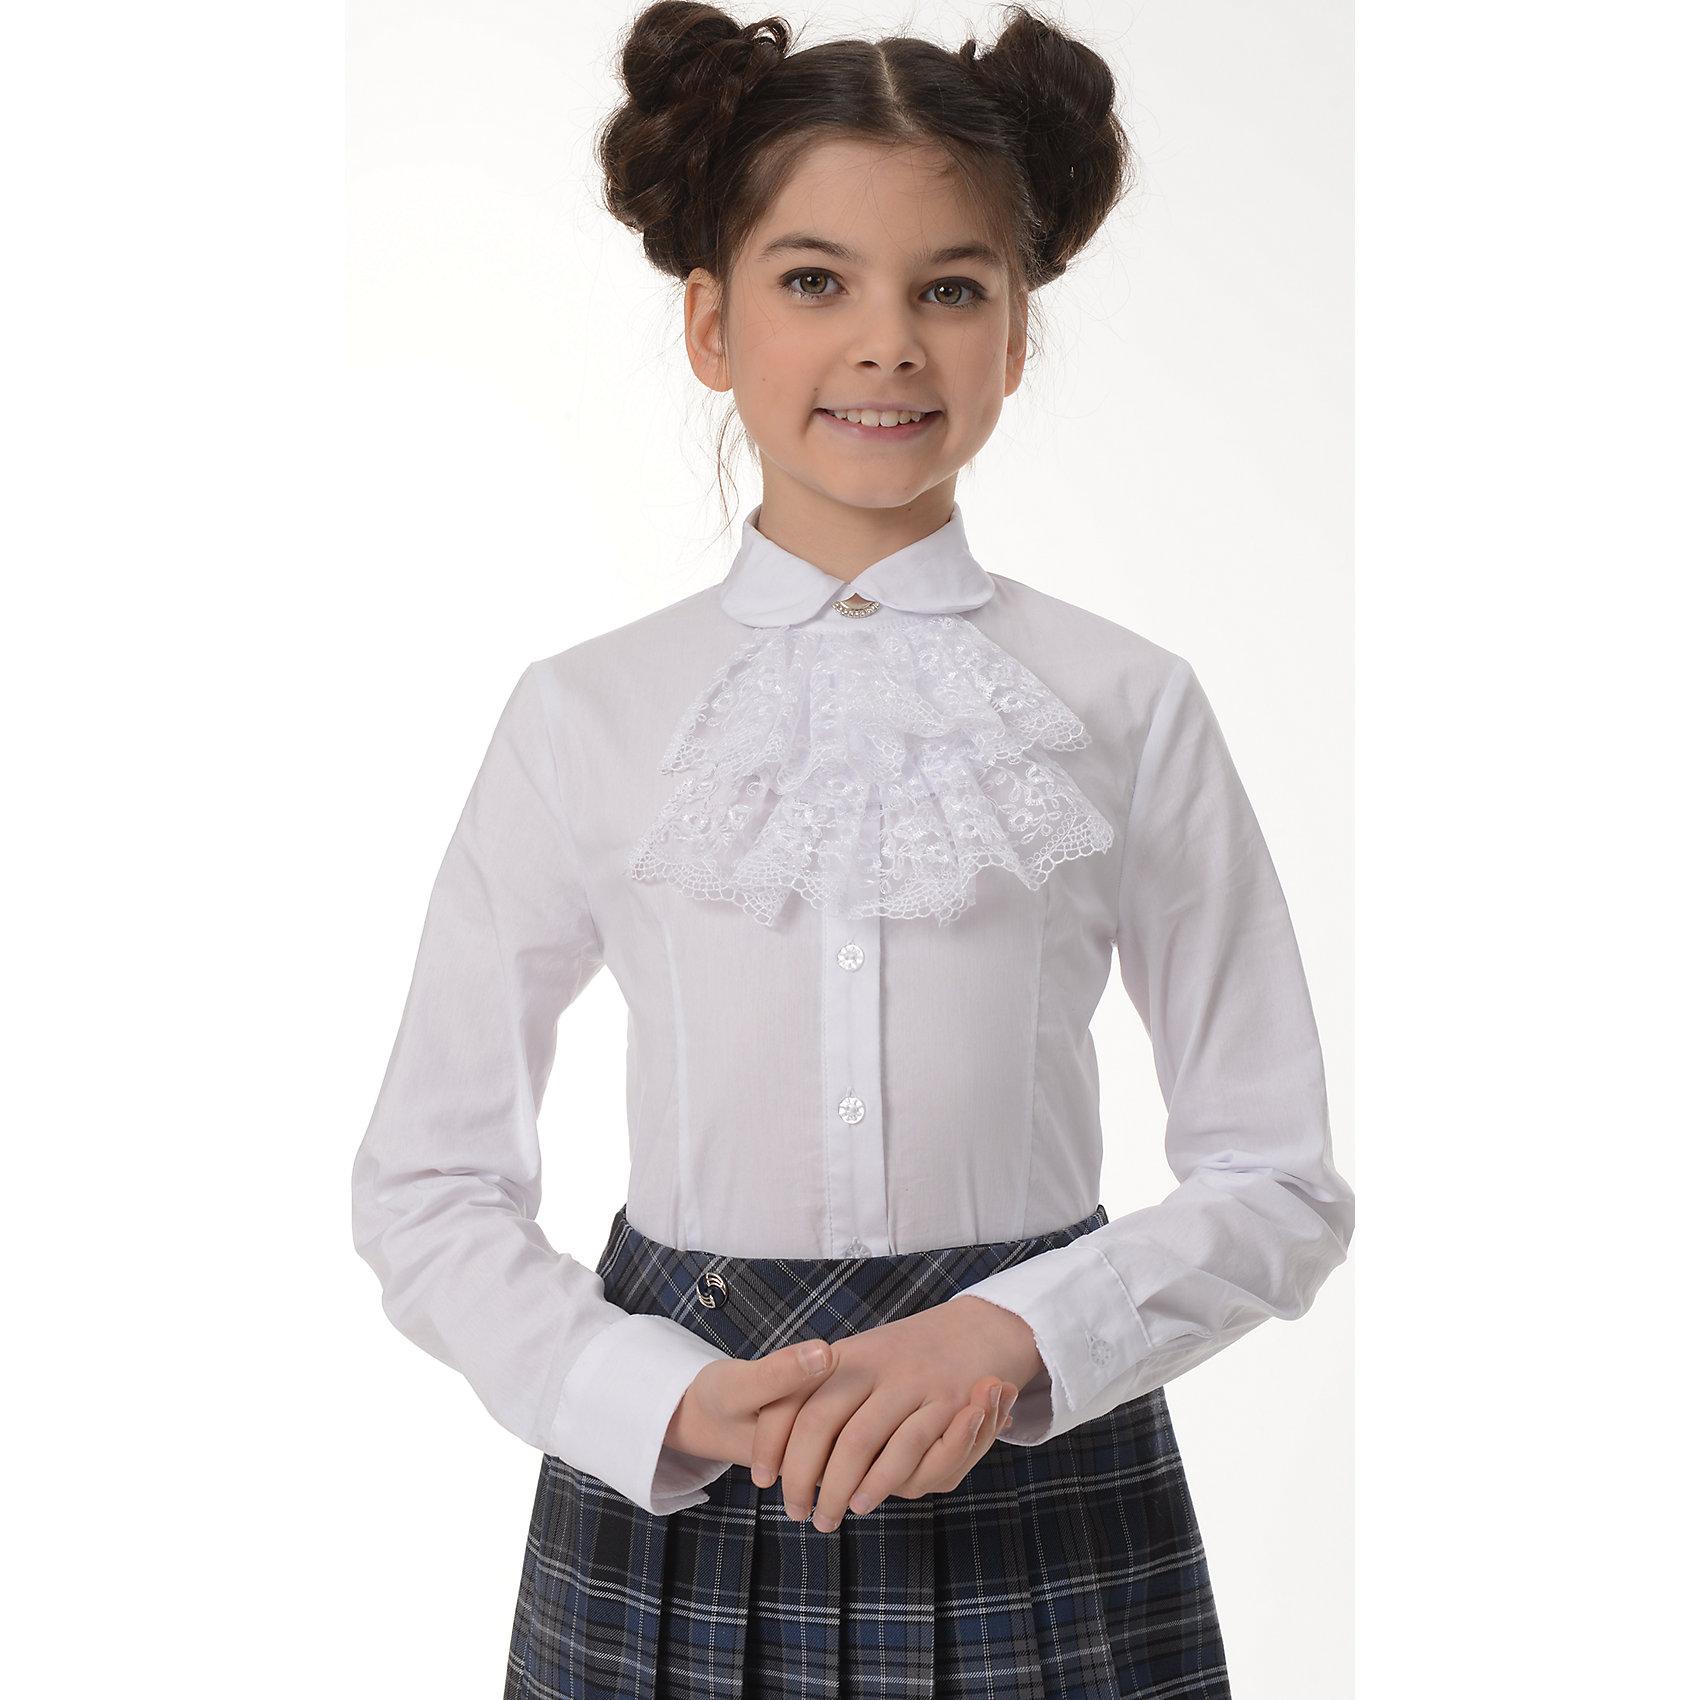 Блузка Тая для девочки SkylakeБлузки и рубашки<br>Блузка   для девочек младшего и среднего  школьного возраста.<br>Изготовлена из  смесовой хлопковой ткани белого  цвета.<br>Блузка  полуприлегающего силуэта .<br>Полочка  и спинка с талиевыми вытачками.<br>Застежка на узкую притачную планку с пуговицами.<br>Воротник отложной на отрезной стойке с концами круглой формы.<br>К стойке воротника с помощью двух пуговиц пристегивается  декоративное жабо, выполненное из кружева на сетке. <br>Рукава  втачные длинные на манжетах.<br>Манжеты с застежкой на одну пуговицу.<br><br>Состав:<br>74%хлопок,23%п/э,3%лайкра<br><br>Ширина мм: 186<br>Глубина мм: 87<br>Высота мм: 198<br>Вес г: 197<br>Цвет: белый<br>Возраст от месяцев: 144<br>Возраст до месяцев: 156<br>Пол: Женский<br>Возраст: Детский<br>Размер: 158,128,134,140,146,152<br>SKU: 6772476